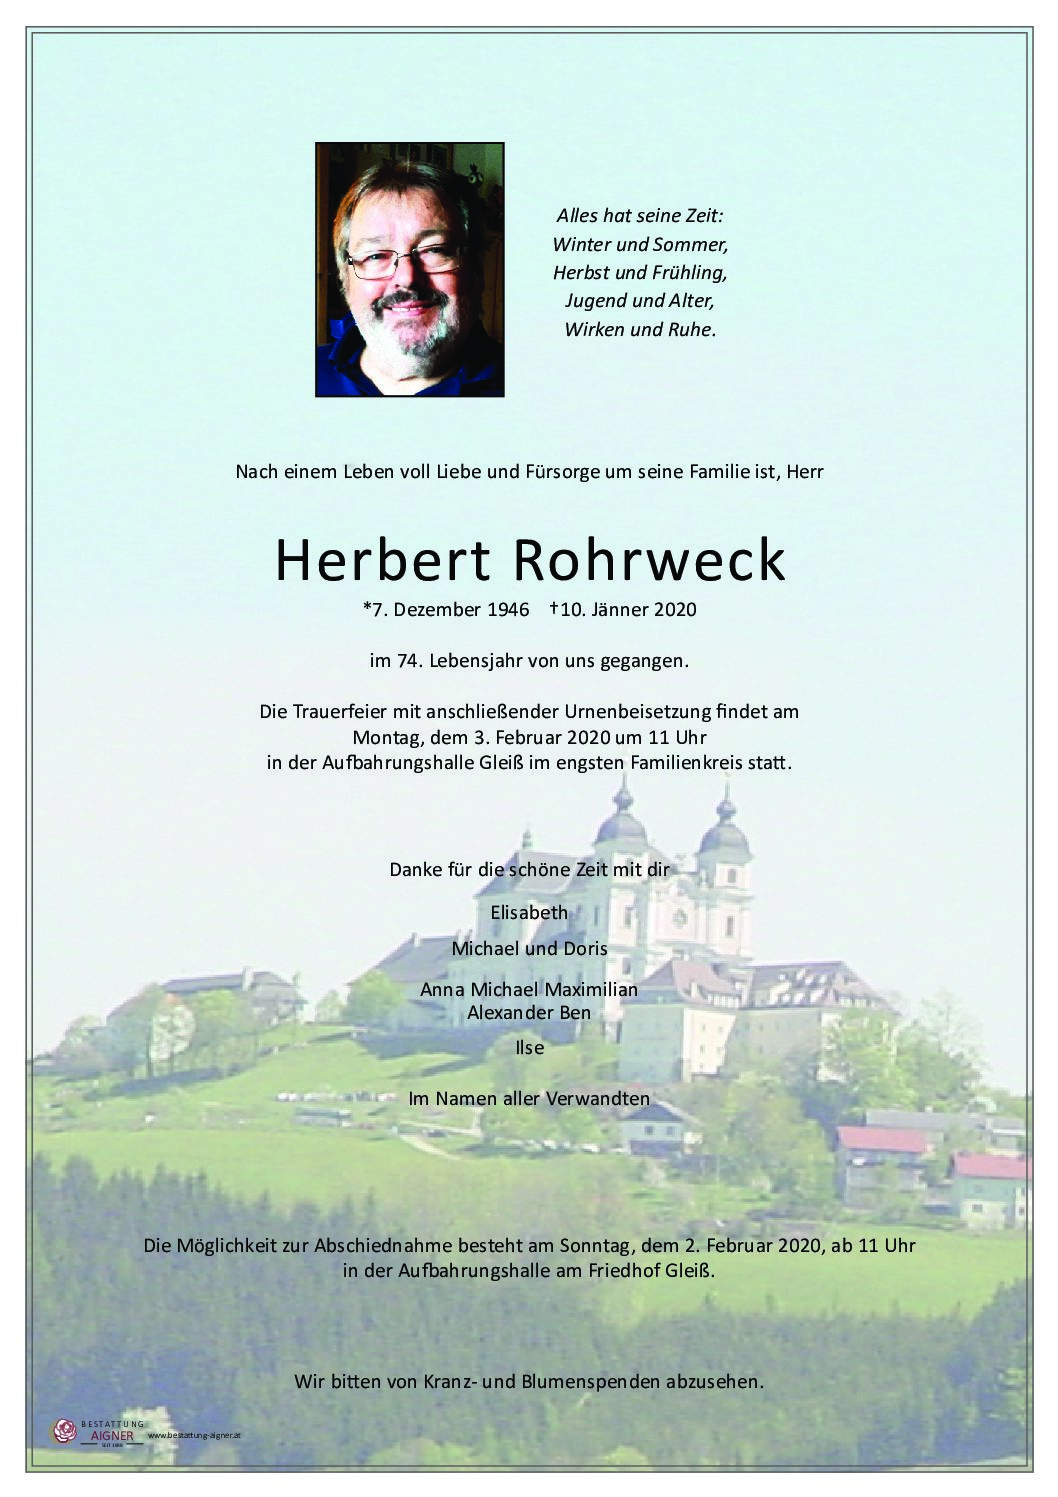 Herbert Rohrweck